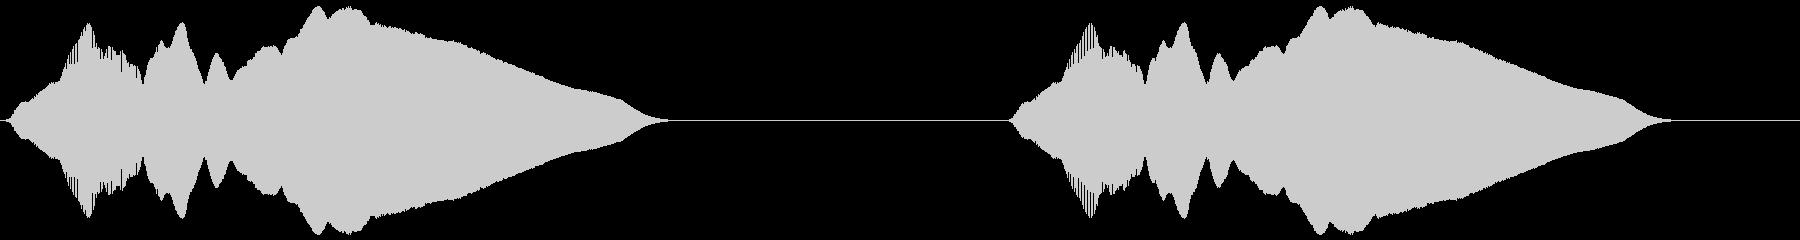 警報 火災警報器風(ファンファン)の未再生の波形